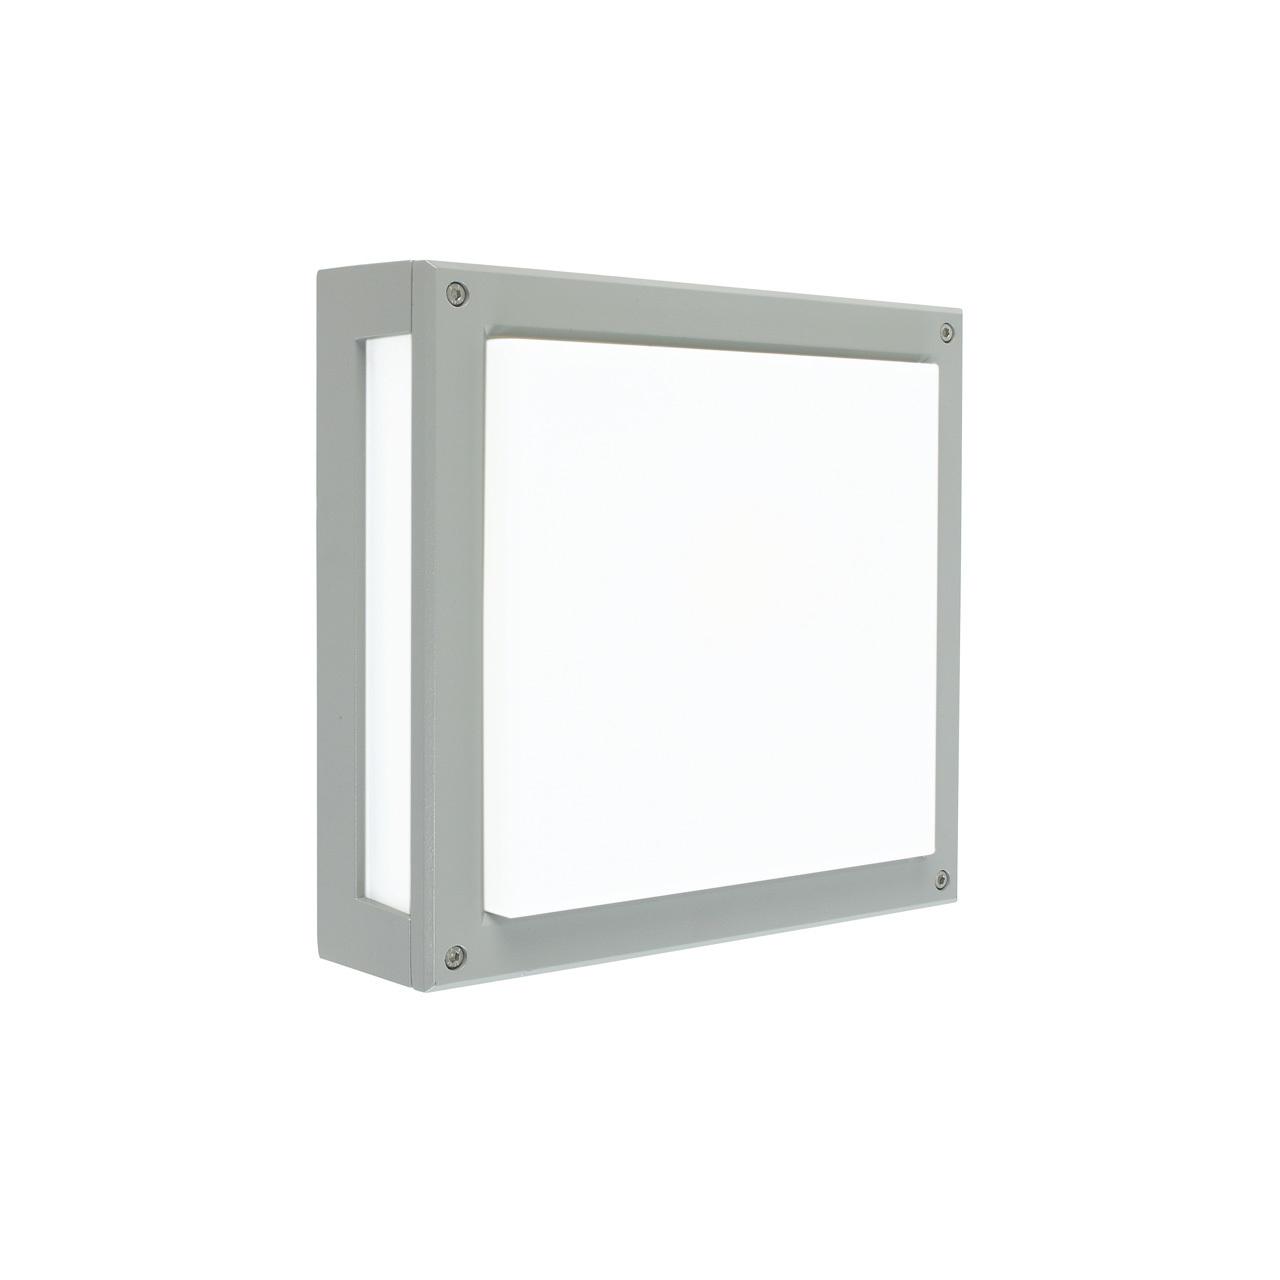 Lampa ścienna NORDLAND LED HF 5040AL -Norlys  SPRAWDŹ RABATY  5-10-15-20 % w koszyku